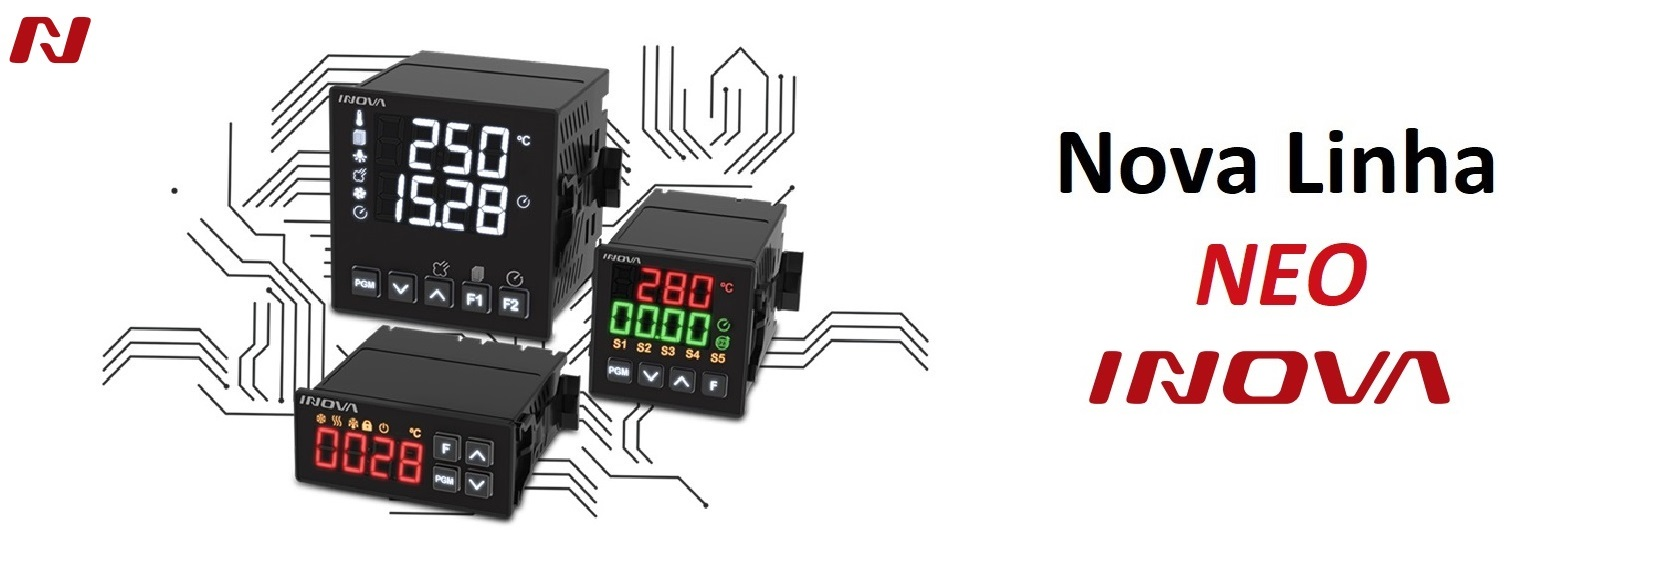 controlador, controlador inova, controlador forno, controlador progas, controlador tedesco, INV-KC1, INV-KC1-N1-H-R20, INV-YB1, INV-YB1-06, INV-YB1-06-J-H, INV-YB1-11, INV-YB1-11-J-H, INV-YB1-11-J-H-F, controlador, controlador inova, controlador forno, controlador progas, controlador tedesco, INV-20011, INV-20201, INV-20301, INV-20401, INV-40003, INV-20001, INV-20002, INV-20004, INV-20010, INV-20015, INV-20018